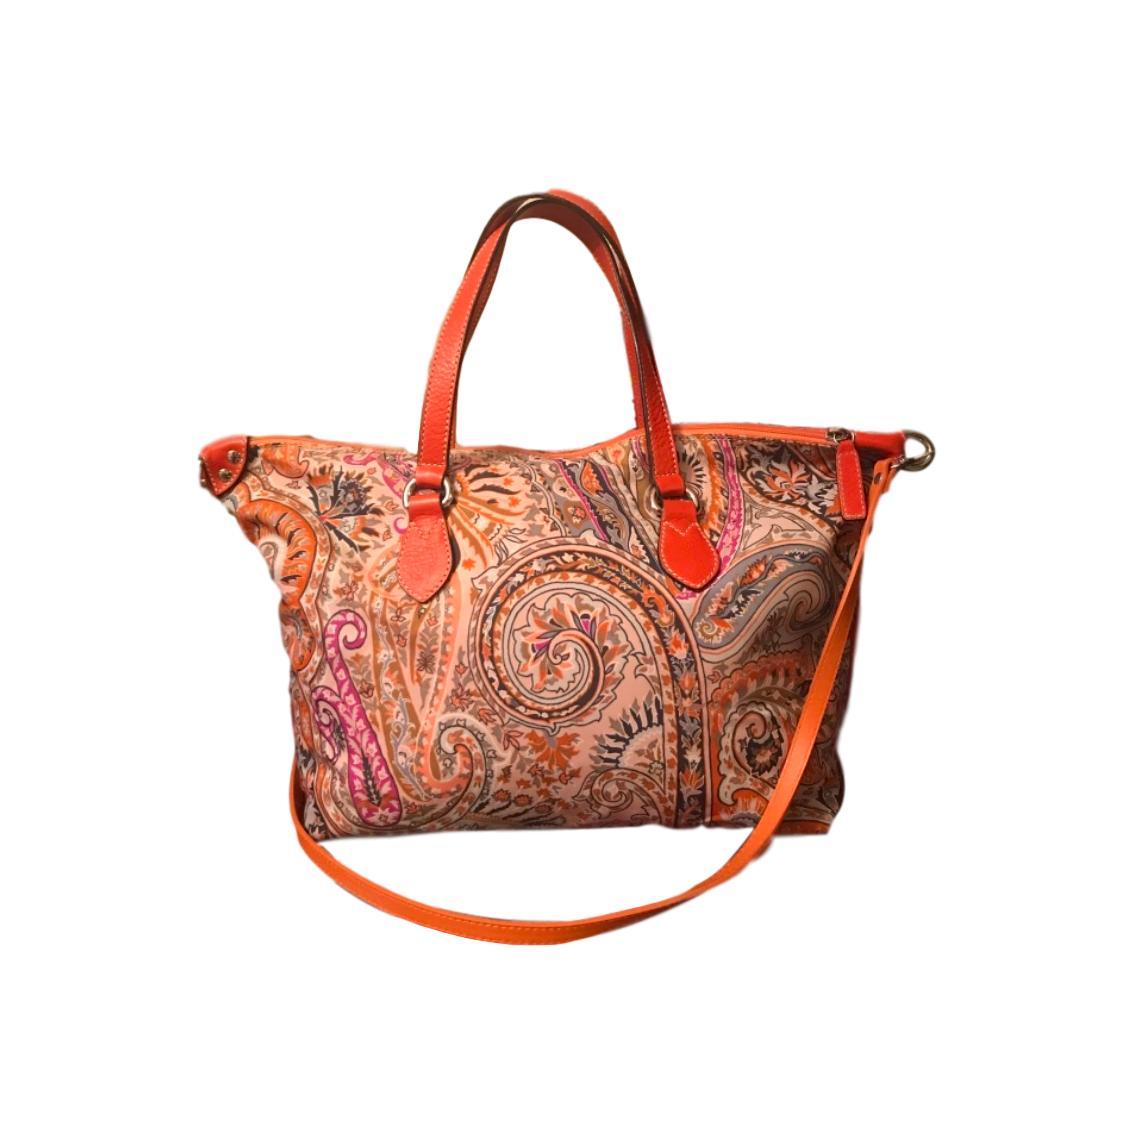 823723817773 Купить среднюю сумку Etro за 10220 руб. в интернет магазине - бутике ...